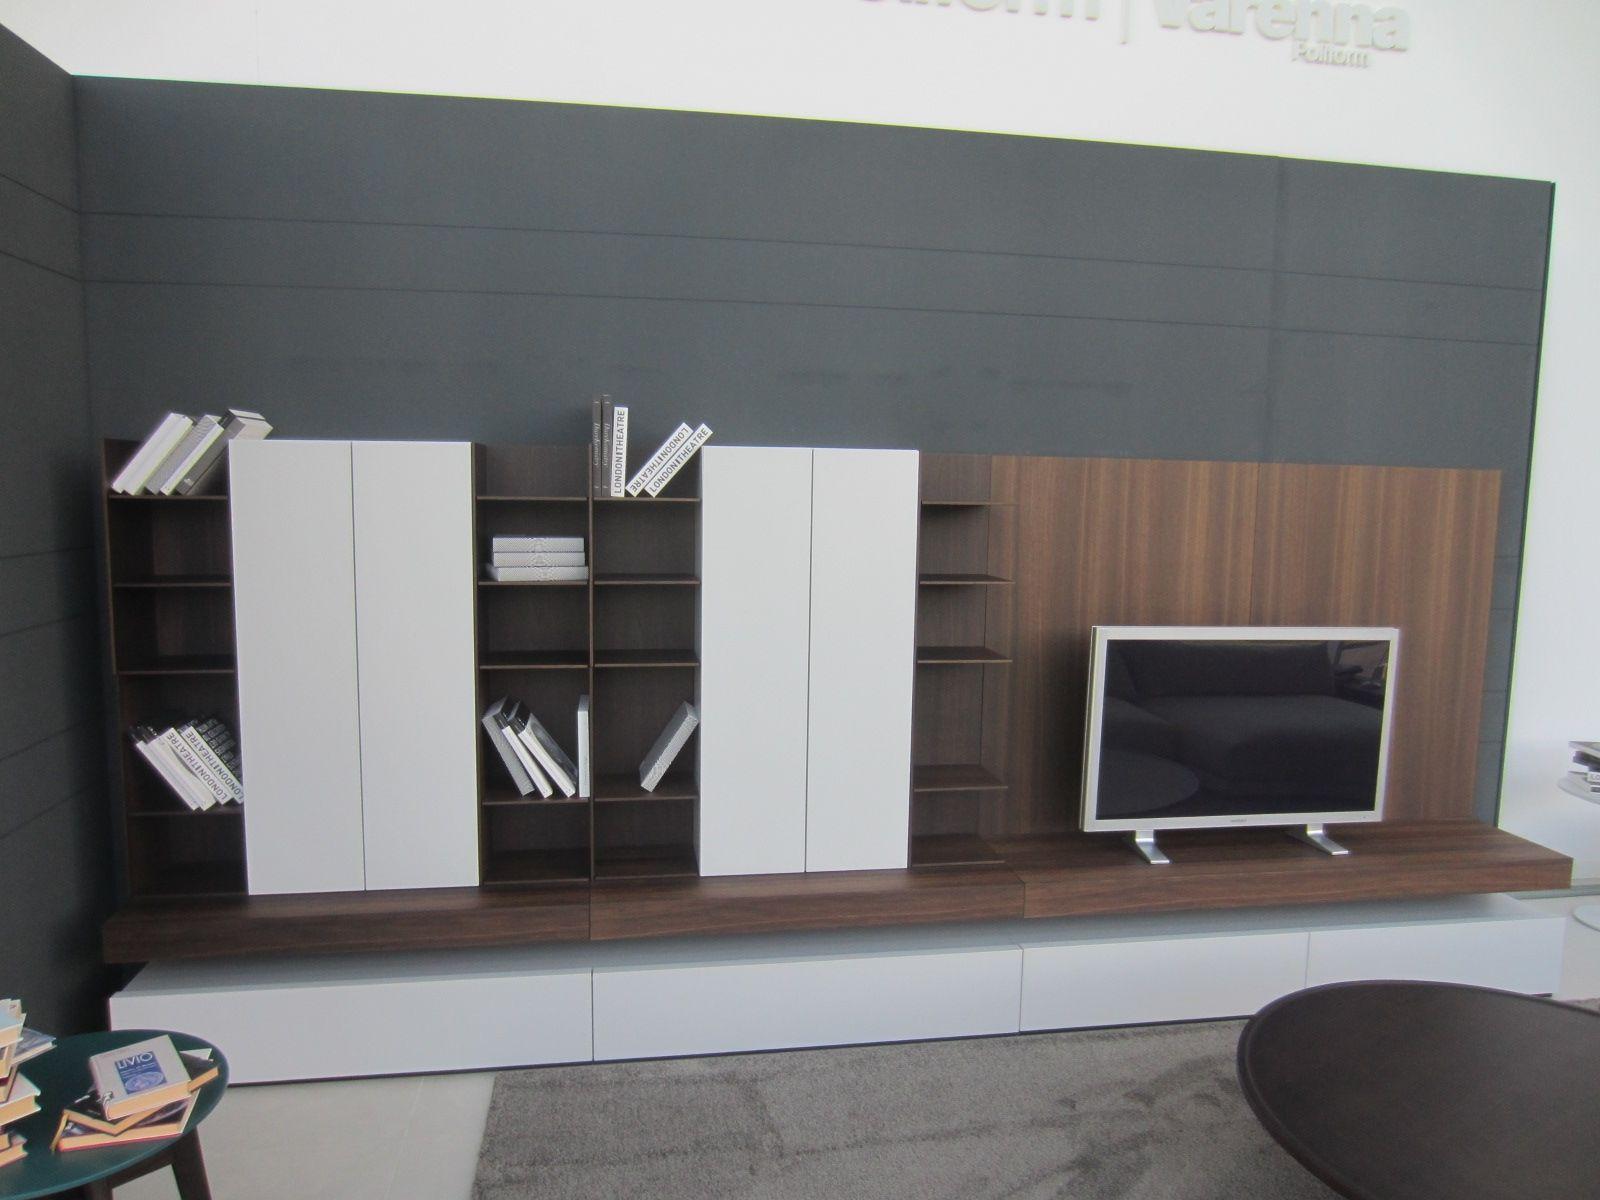 Stunning Soggiorno Poliform Photos - Idee Arredamento Casa ...